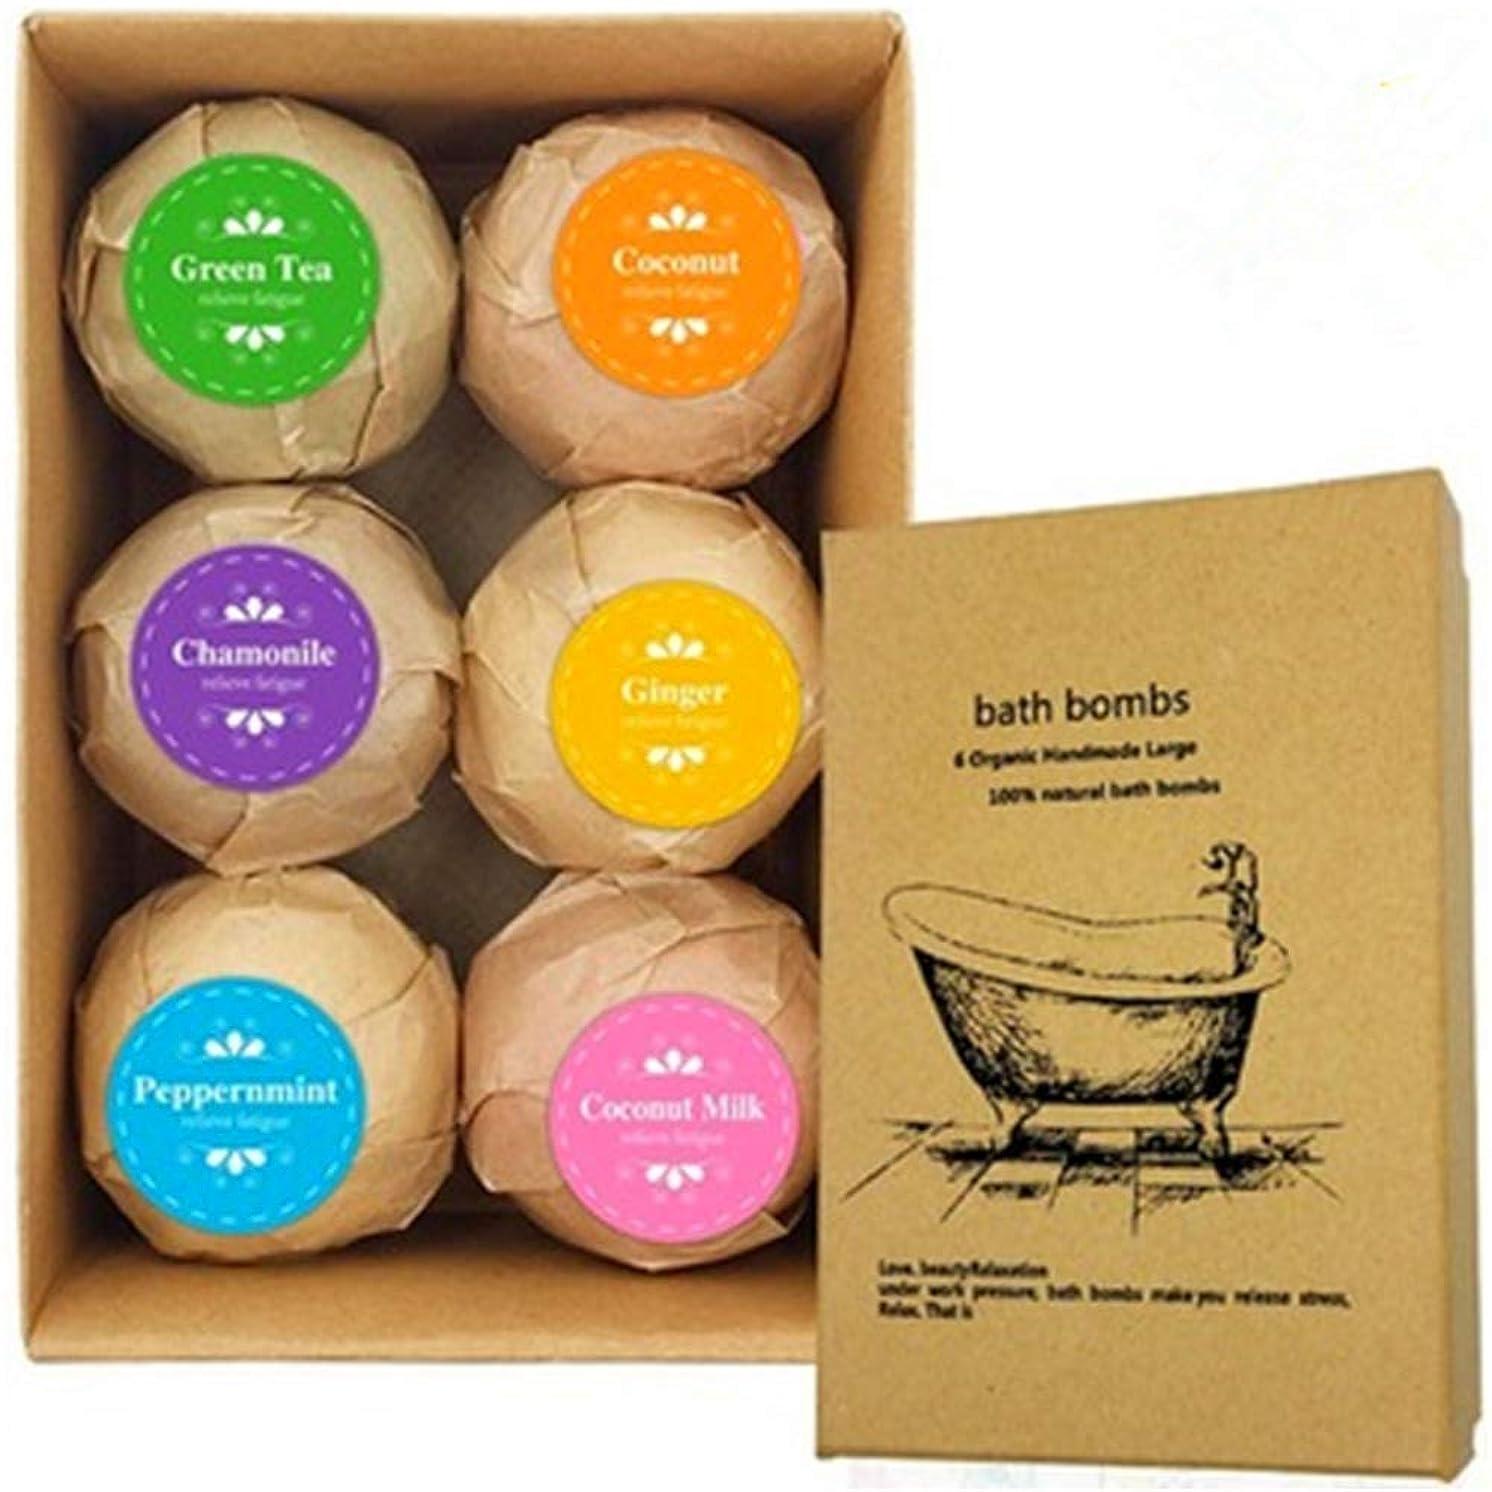 のど開発慢なバスボム 入浴剤 炭酸 バスボール 6つの香り 手作り 入浴料 うるおいプラス お風呂用 入浴剤 ギフトセット6枚 贈り物 プレゼント最適